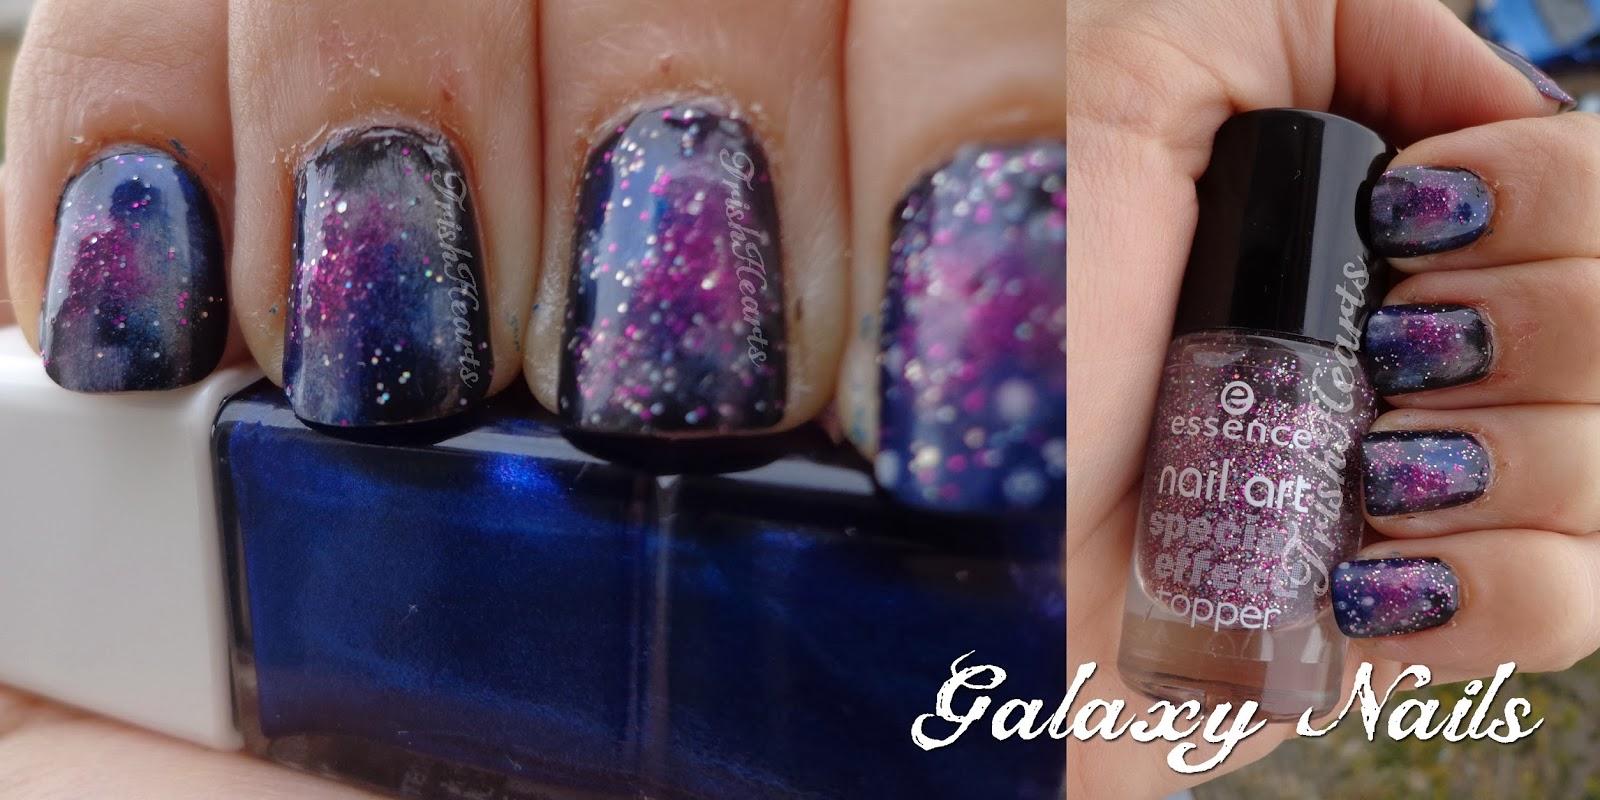 TrishHearts: ℘ Manicure Monday - Galaxy Nails